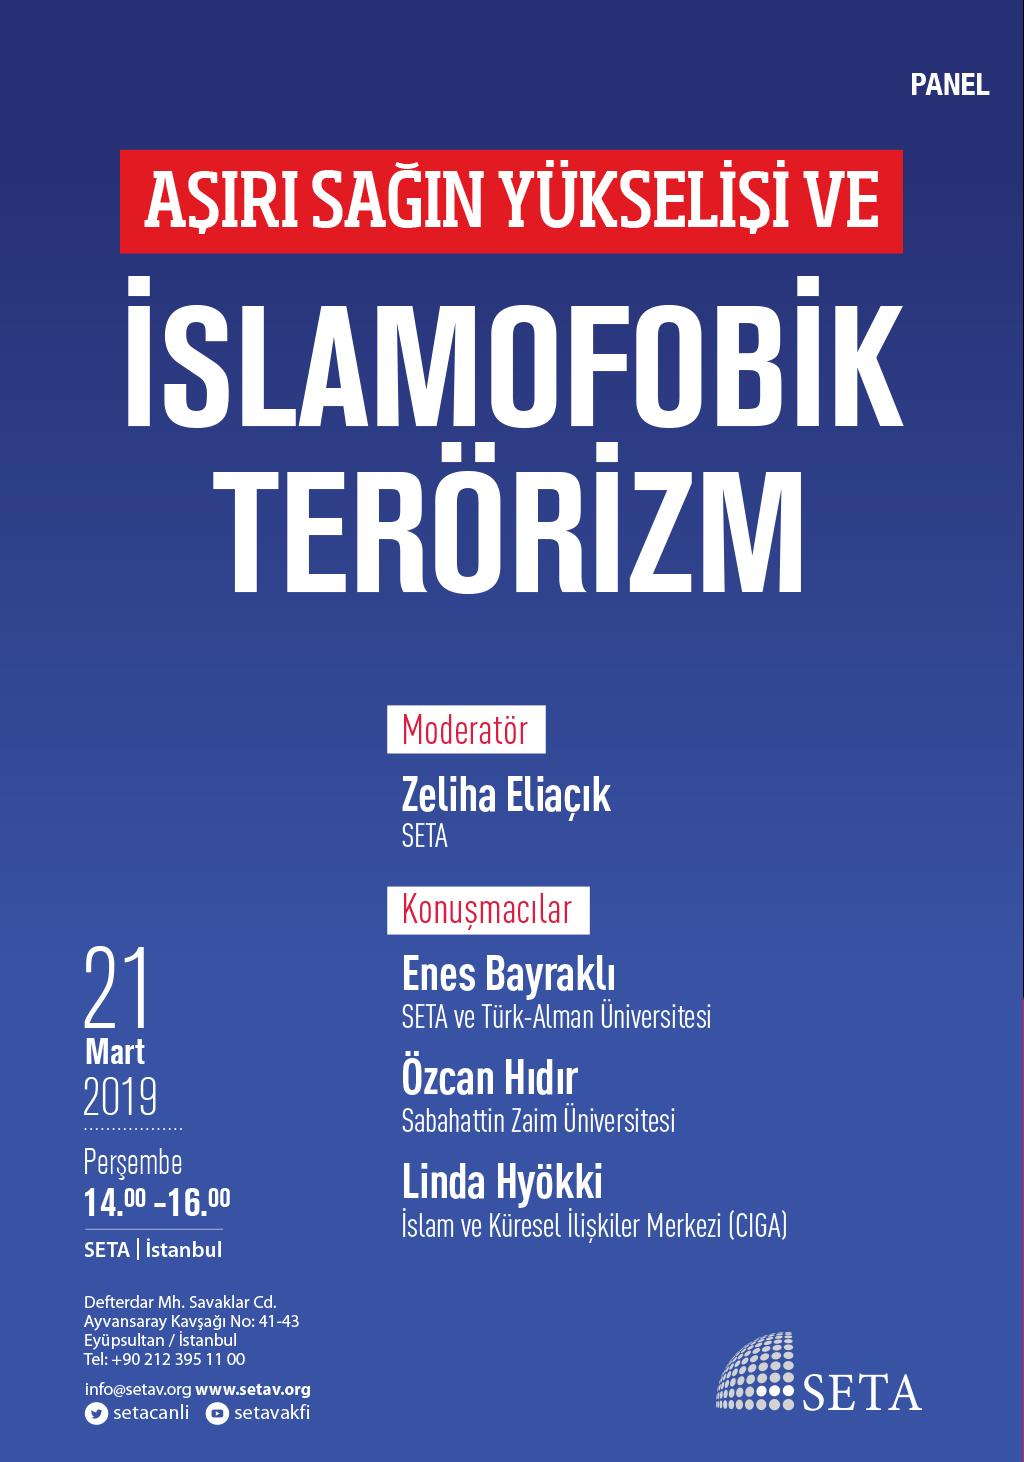 Panel: Aşırı Sağın Yükselişi ve İslamofobik Terörizm